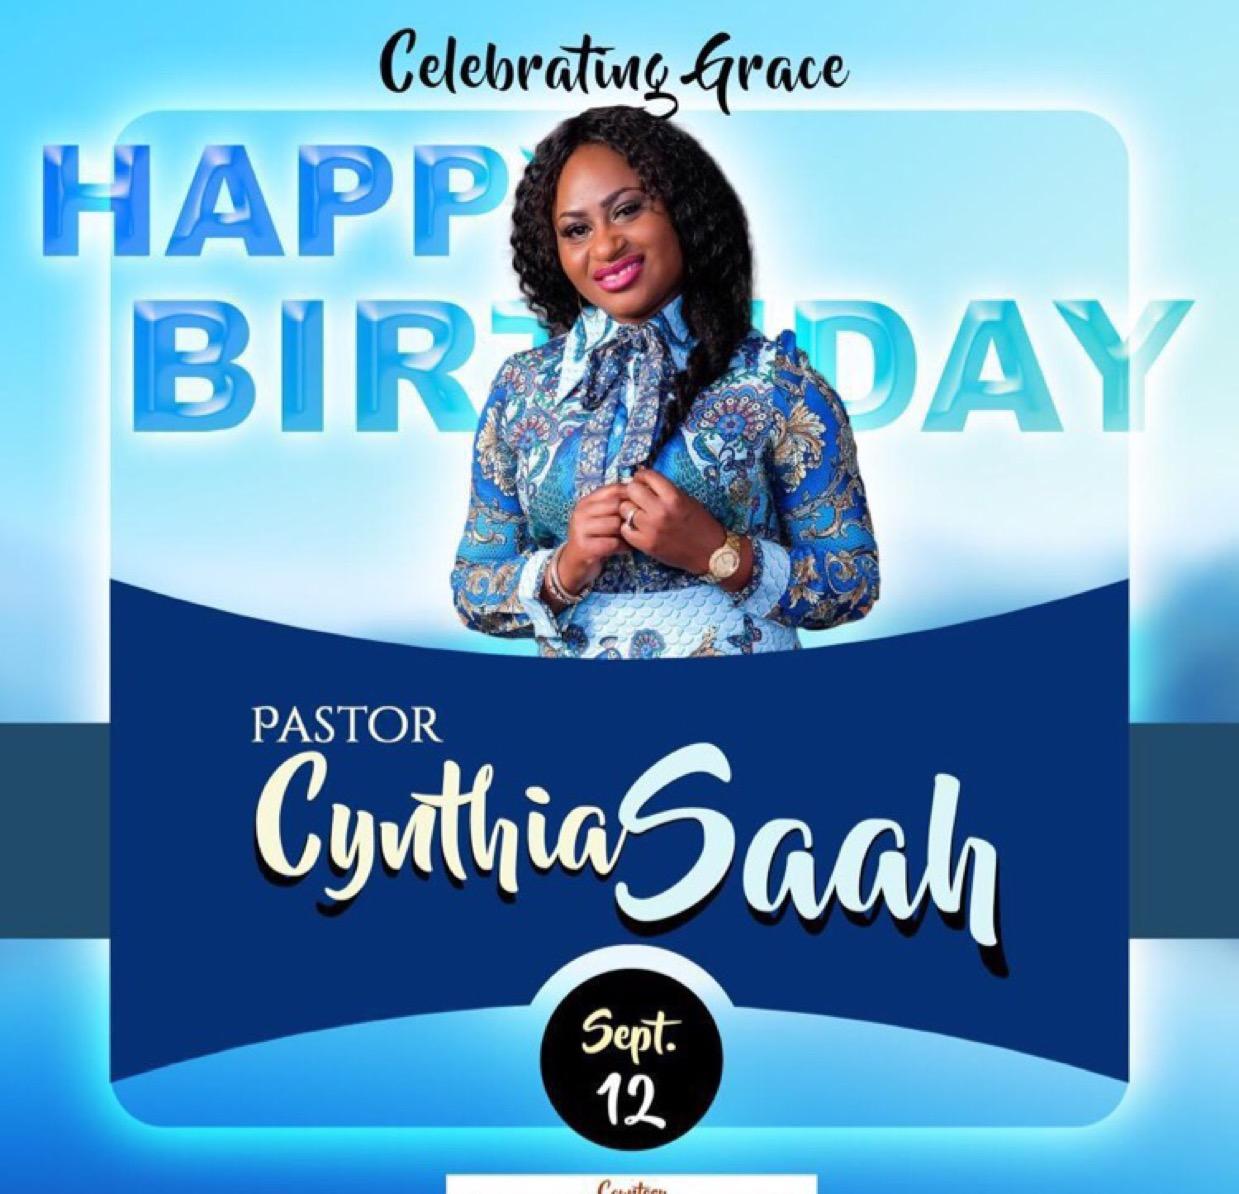 Happy Birthday @Pastorcynthia thank you